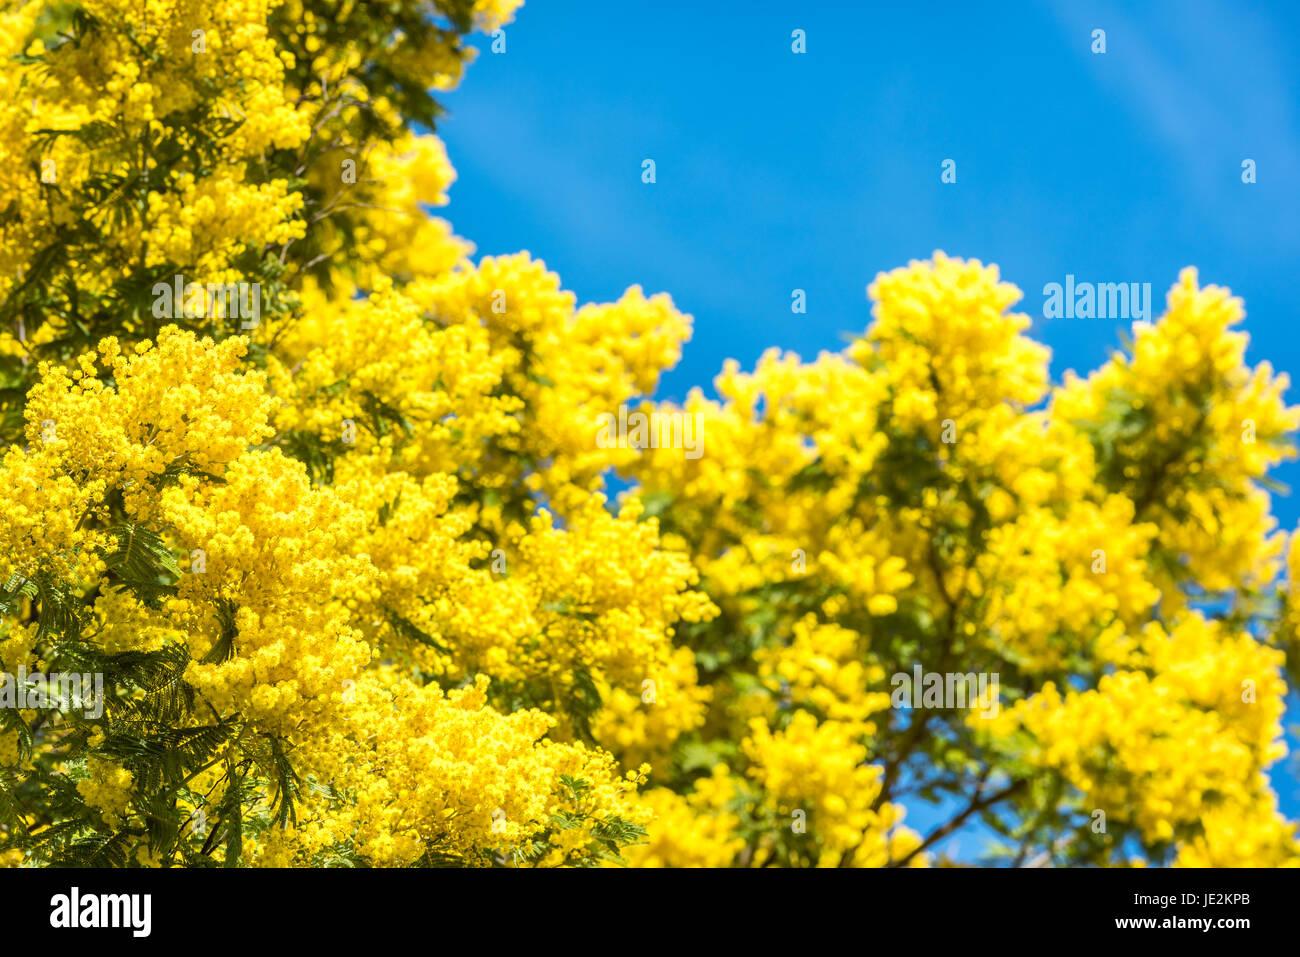 Fiore giallo di mimosa albero in primavera. Cielo blu come sfondo Immagini  Stock 6c7292822248